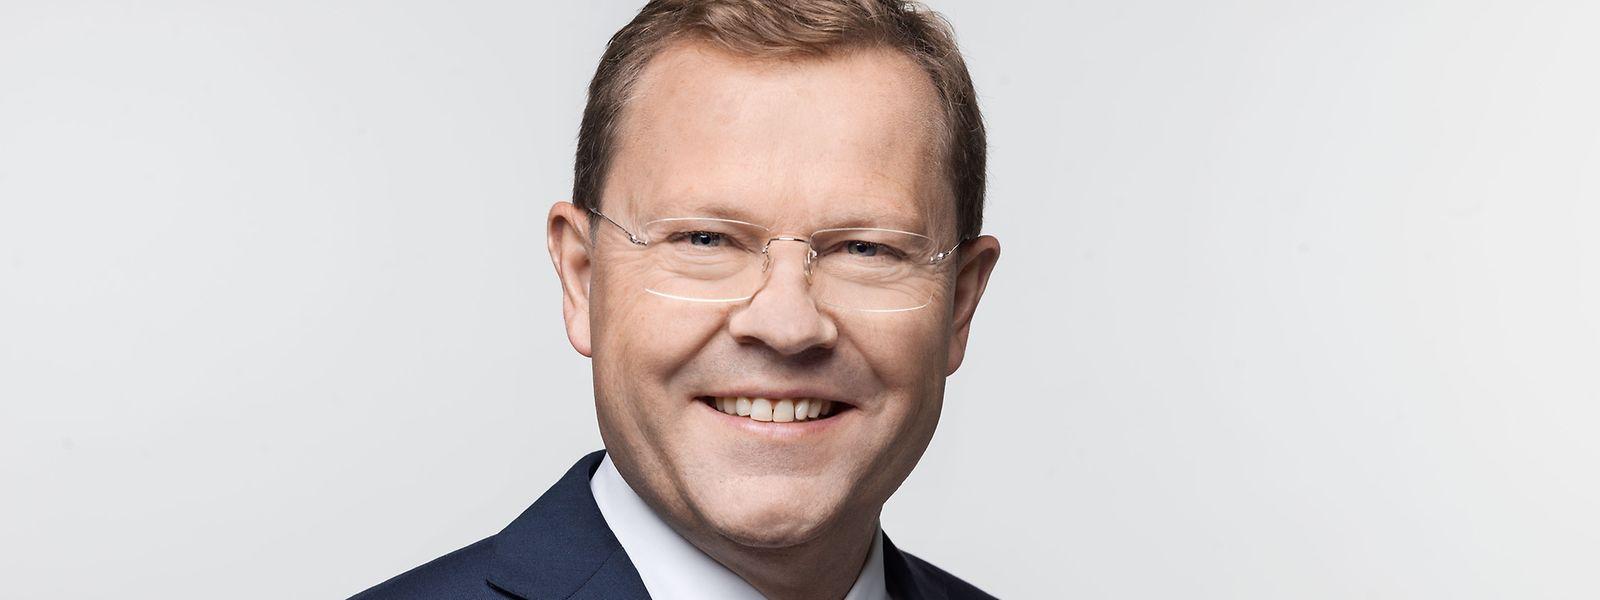 Après son passage chez UBS et une pause, Jürg Zeltner a été promu mi-2019 à la tête de la banque privée KBL qui appartient au Qatar.